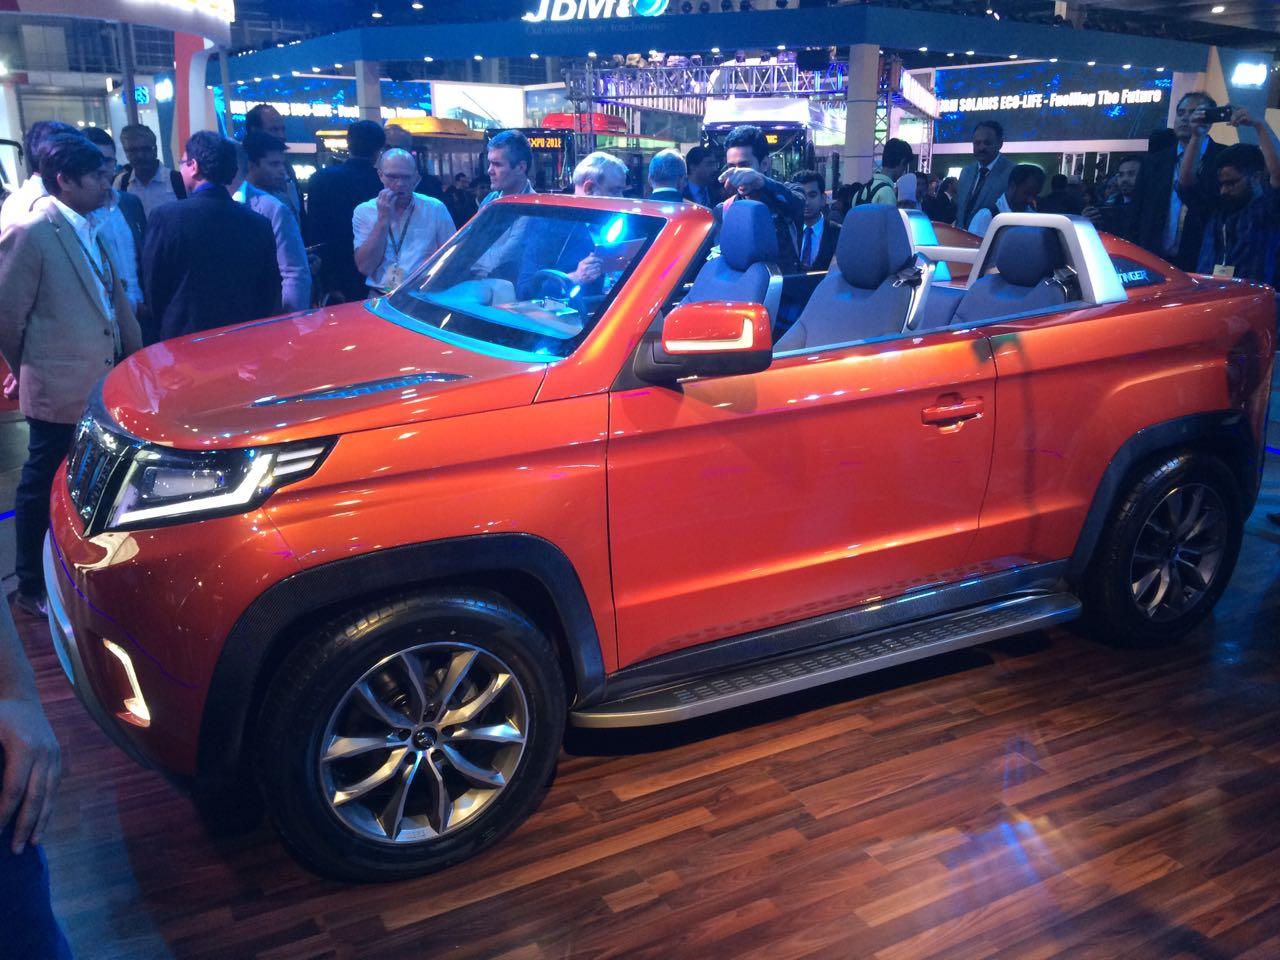 Mahindra Stinger Convertible Suv Debuts At Auto Expo 2018